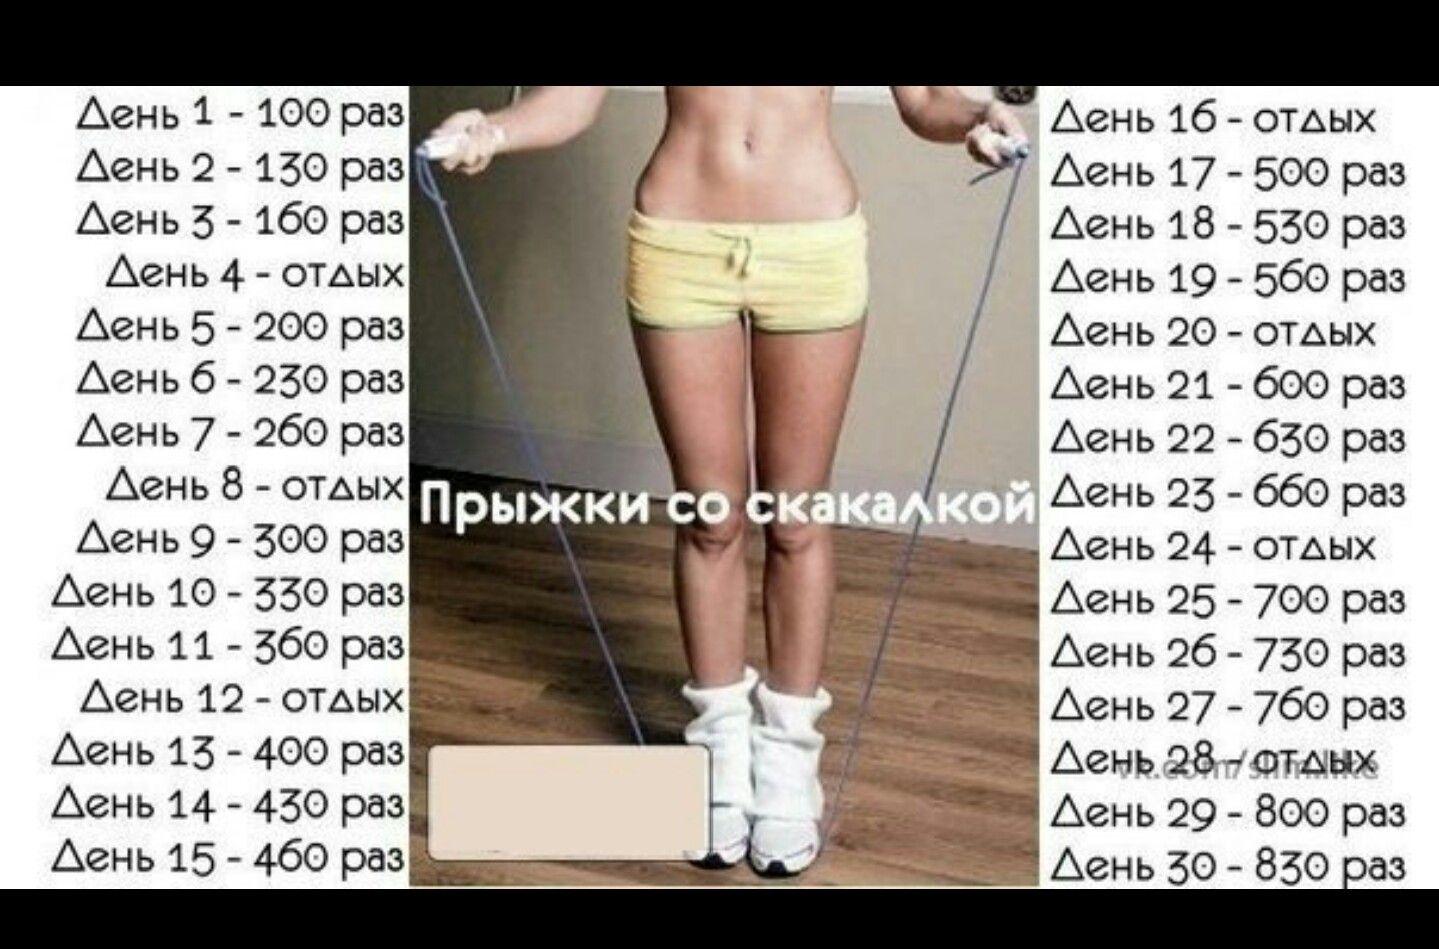 Упражнения Чтобы Ноги Похудели В Картинках. Упражнения для похудения ног